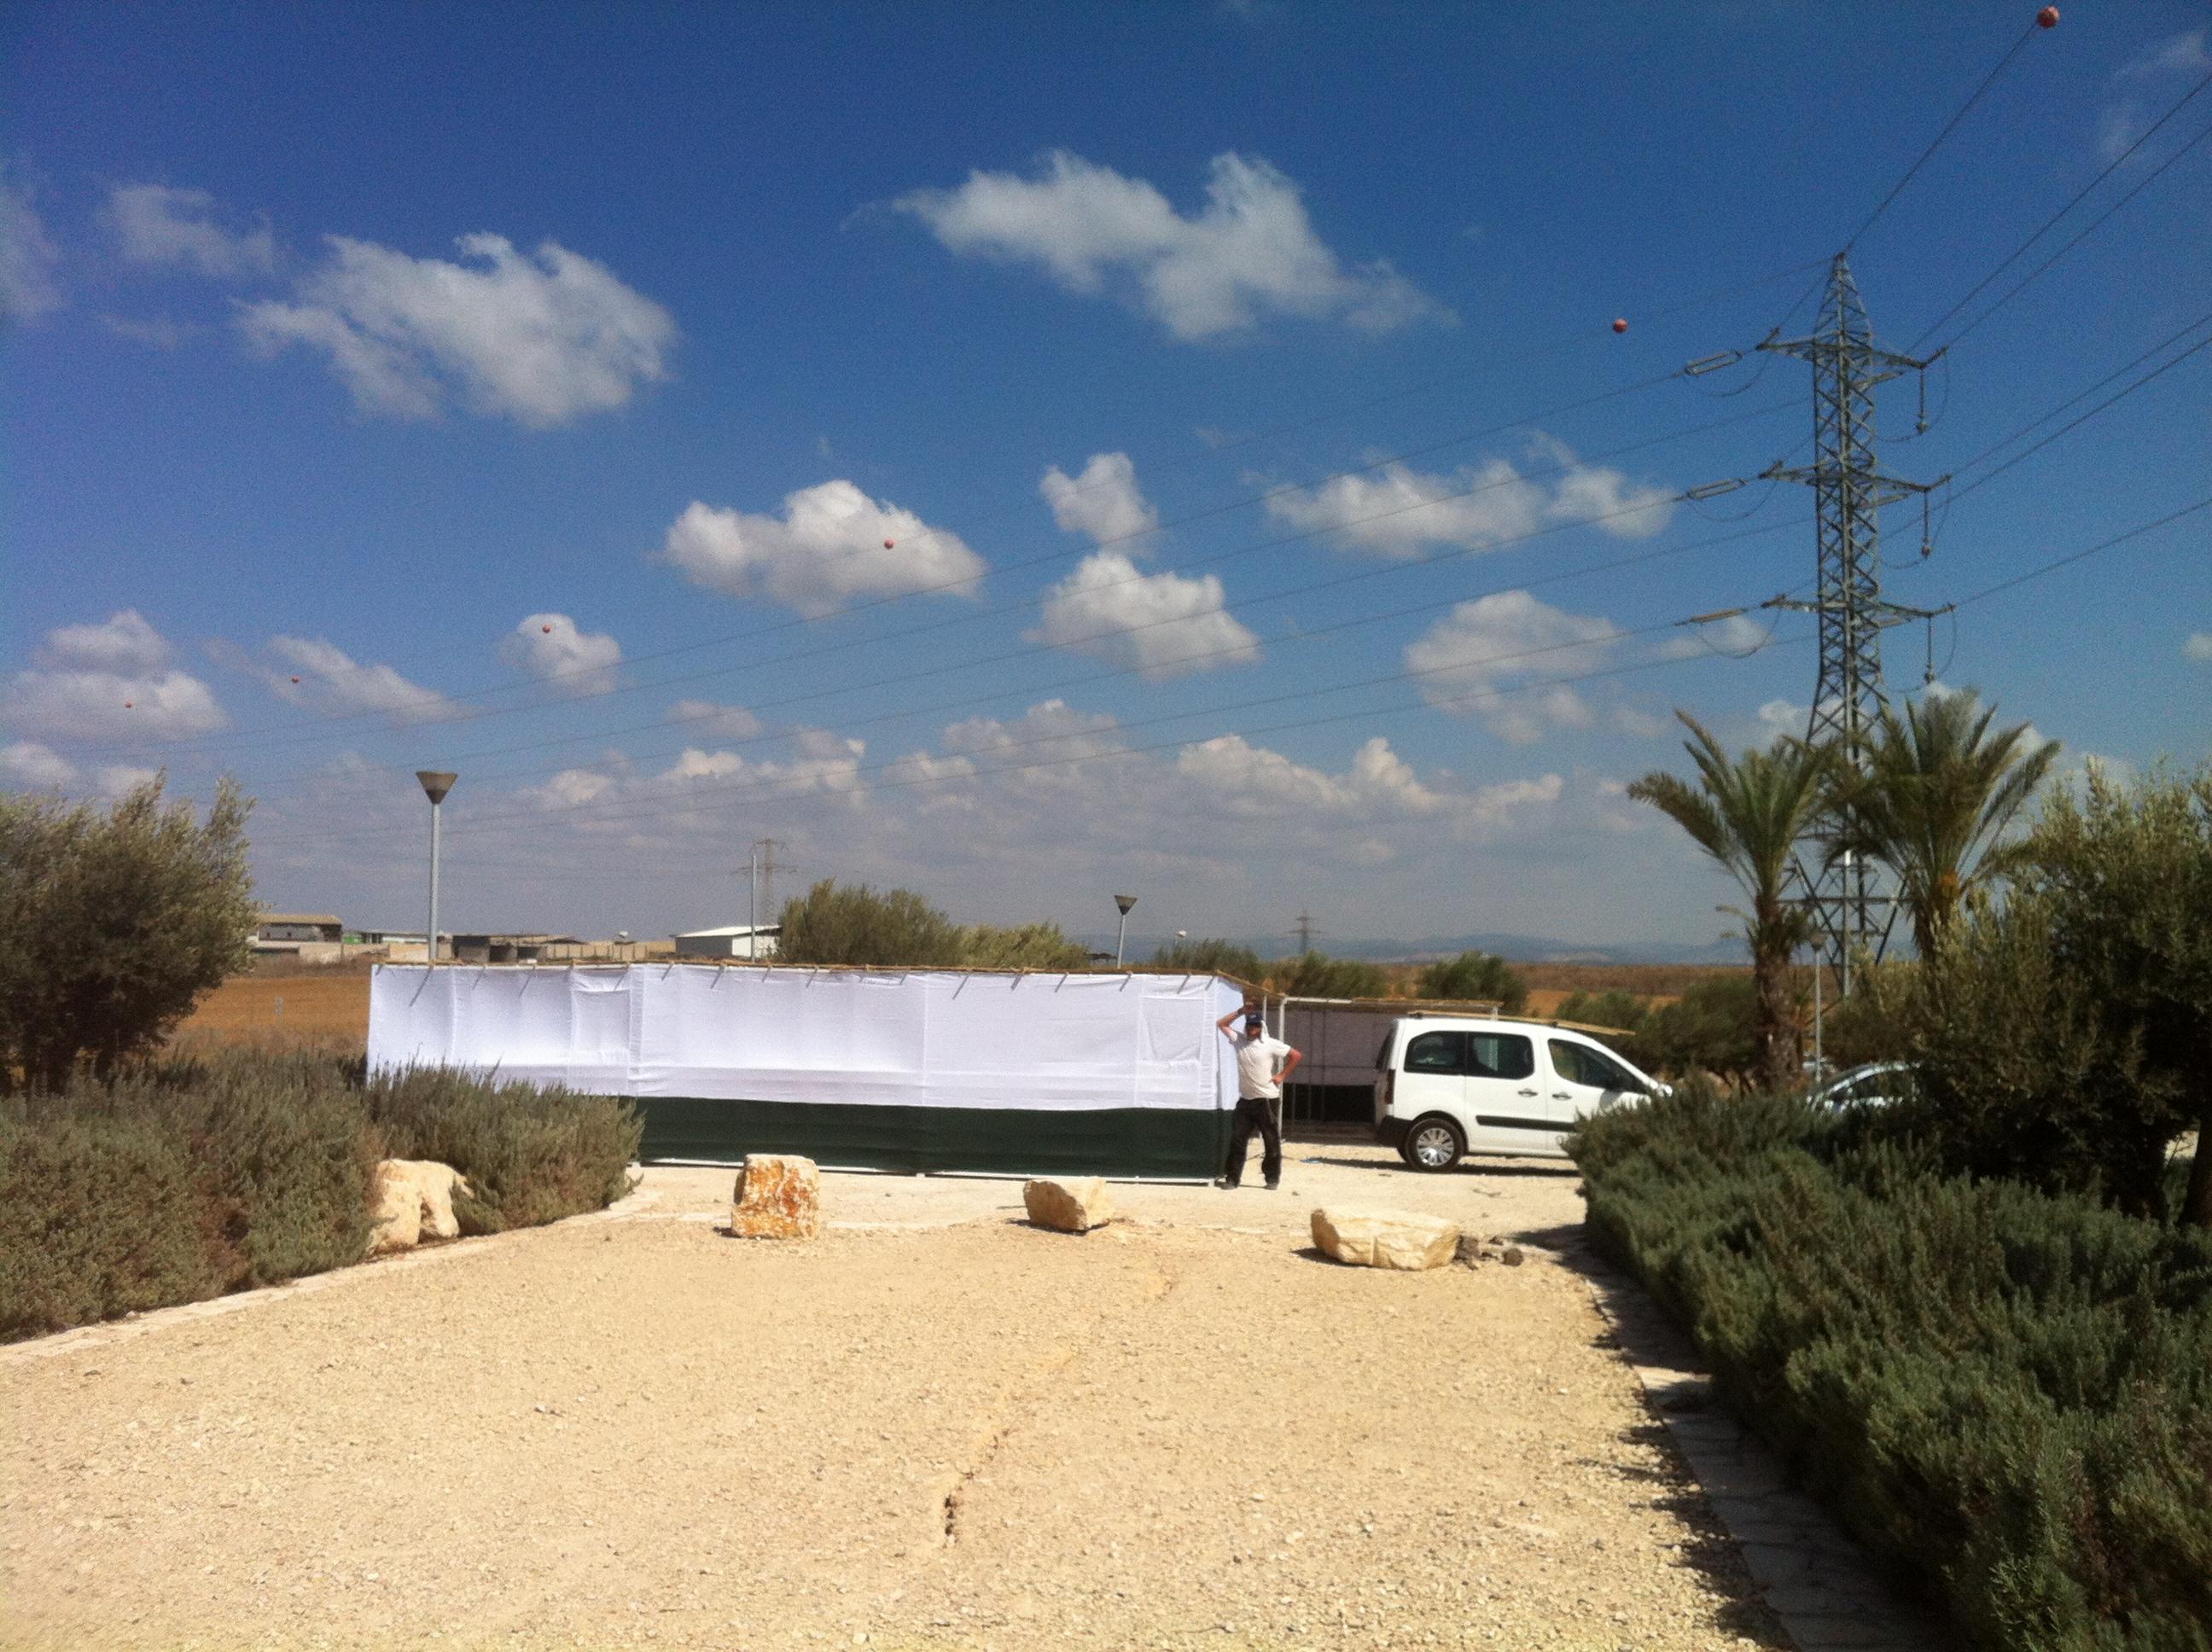 ברצינות סוכה להשכרה לבר מצווה - לקוחות   סוכות ישראל - אתר המידע המקיף על BU-11